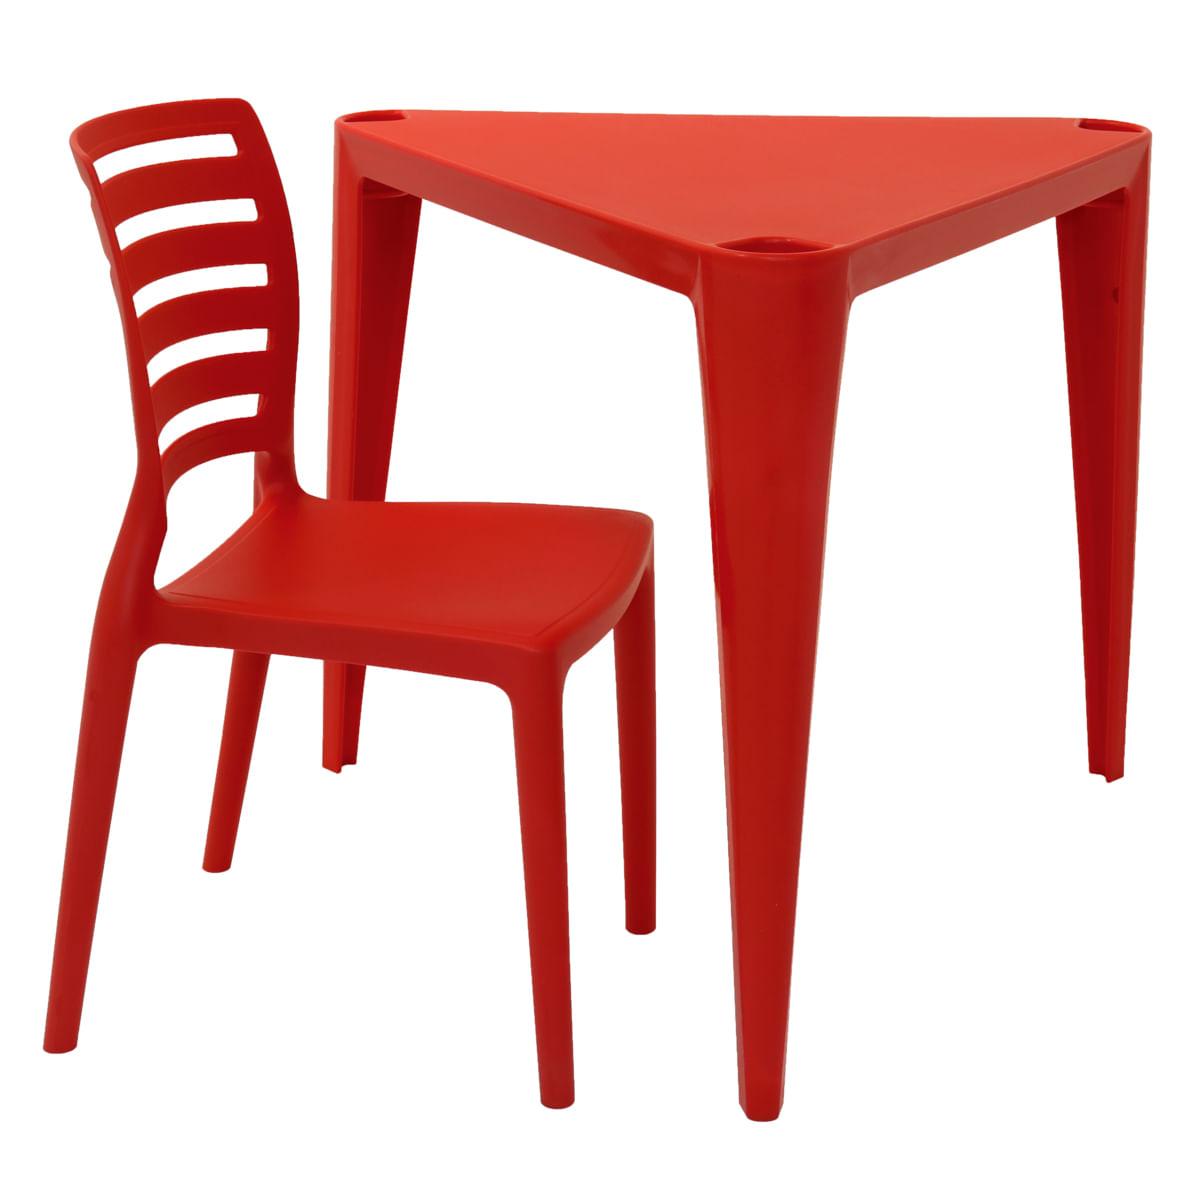 Conjunto de Mesa e Cadeira Tramontina Sofia Infantil Vermelho em Polipropileno e Fibra de Vidro 2 Peças